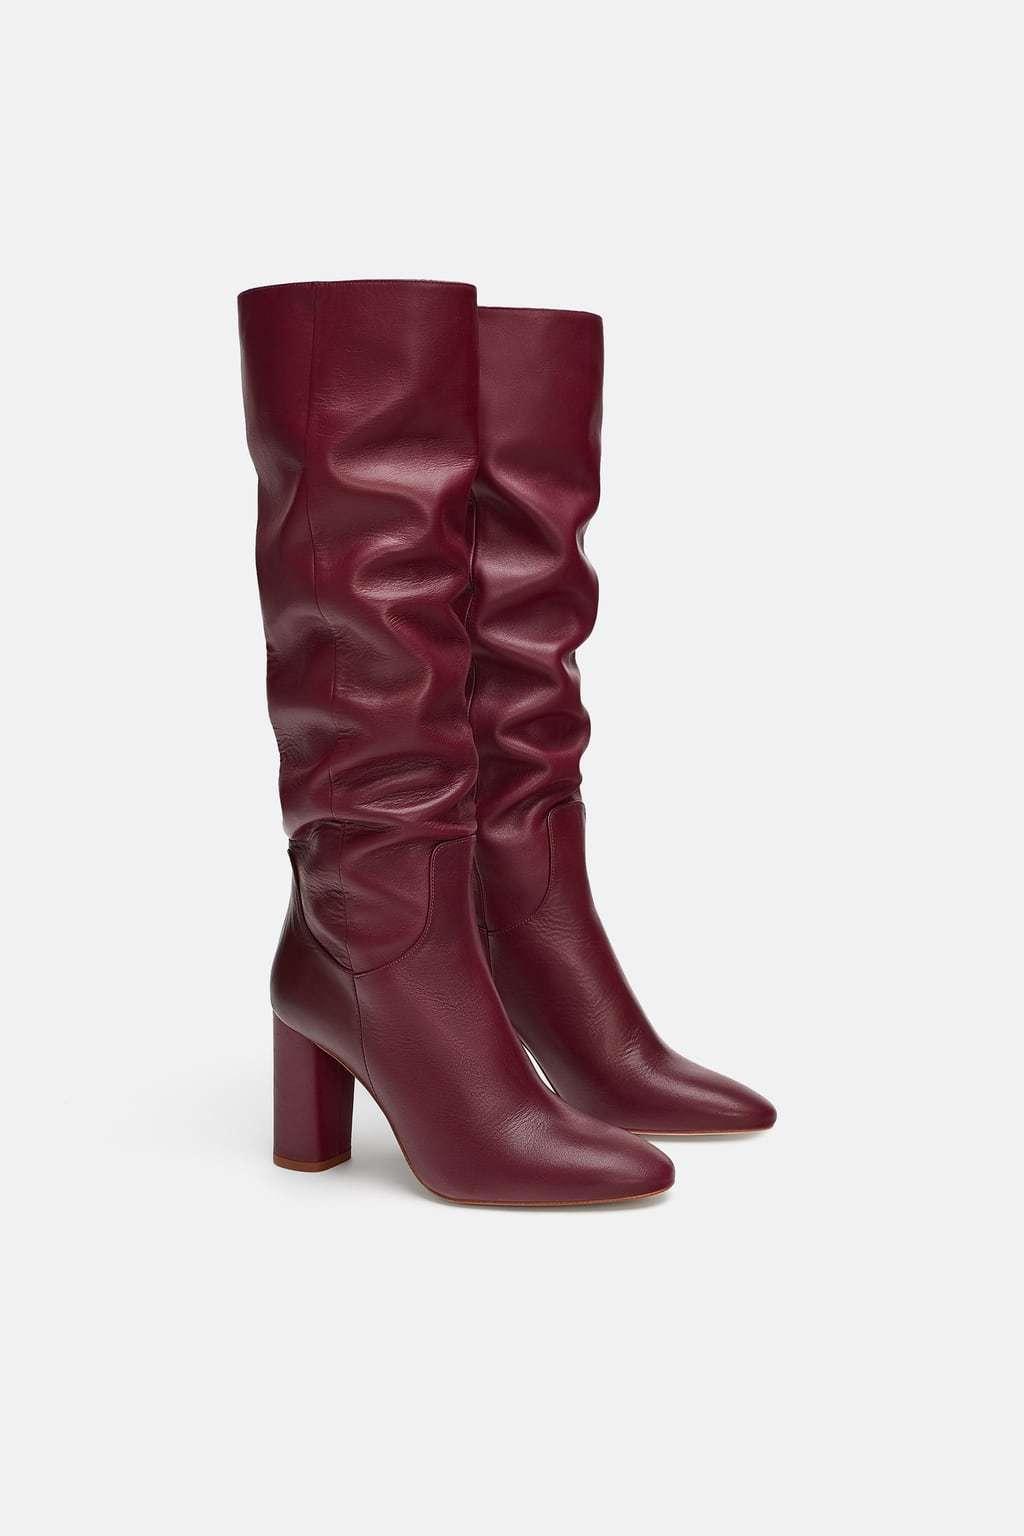 Botas de Zara (99,95 euros).